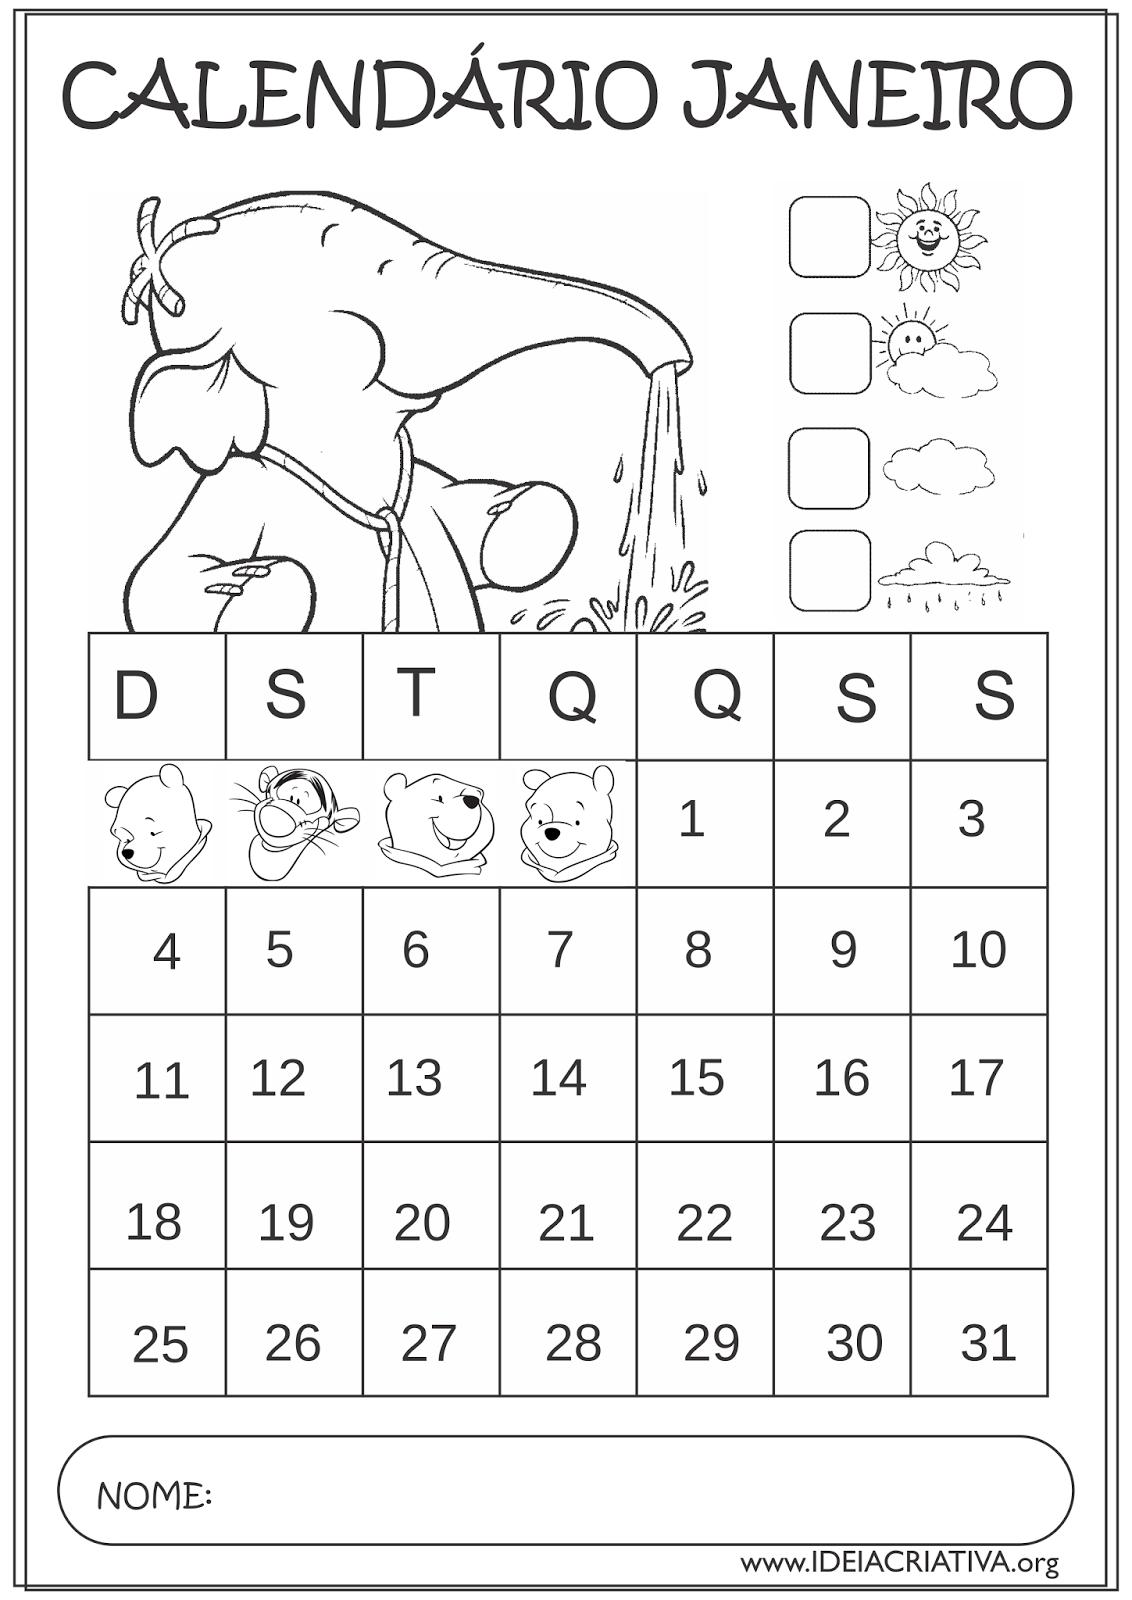 Calendários Janeiro 2015 Ursinho Pooh para Colorir